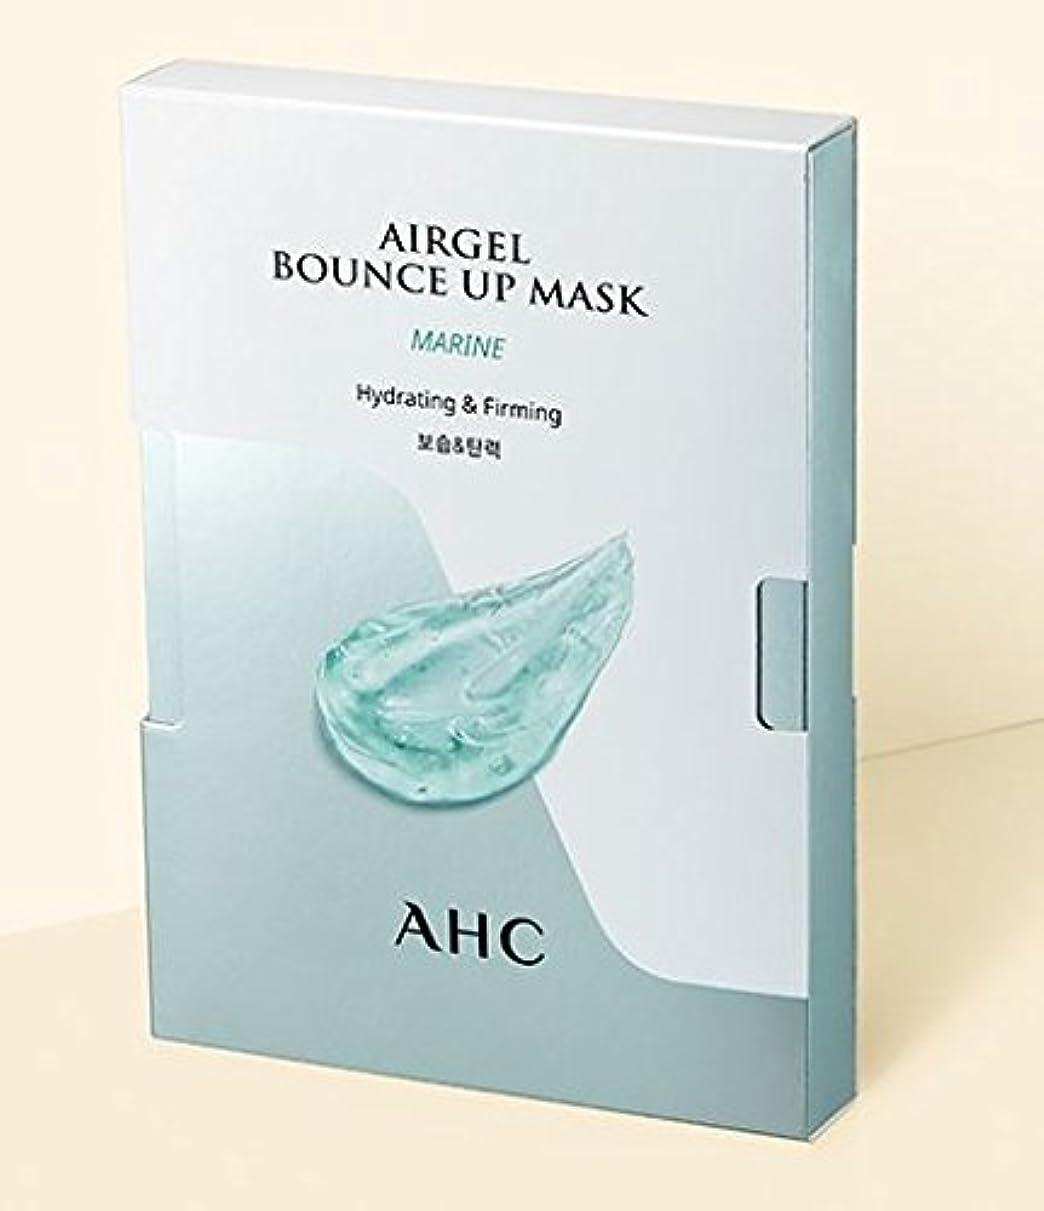 エイリアススケルトン鯨[A.H.C] Airgel Bounce Up Mask MARINE (Hydrating&Firming)30g*5sheet/マリンエアゲルマスク30g*5枚 [並行輸入品]